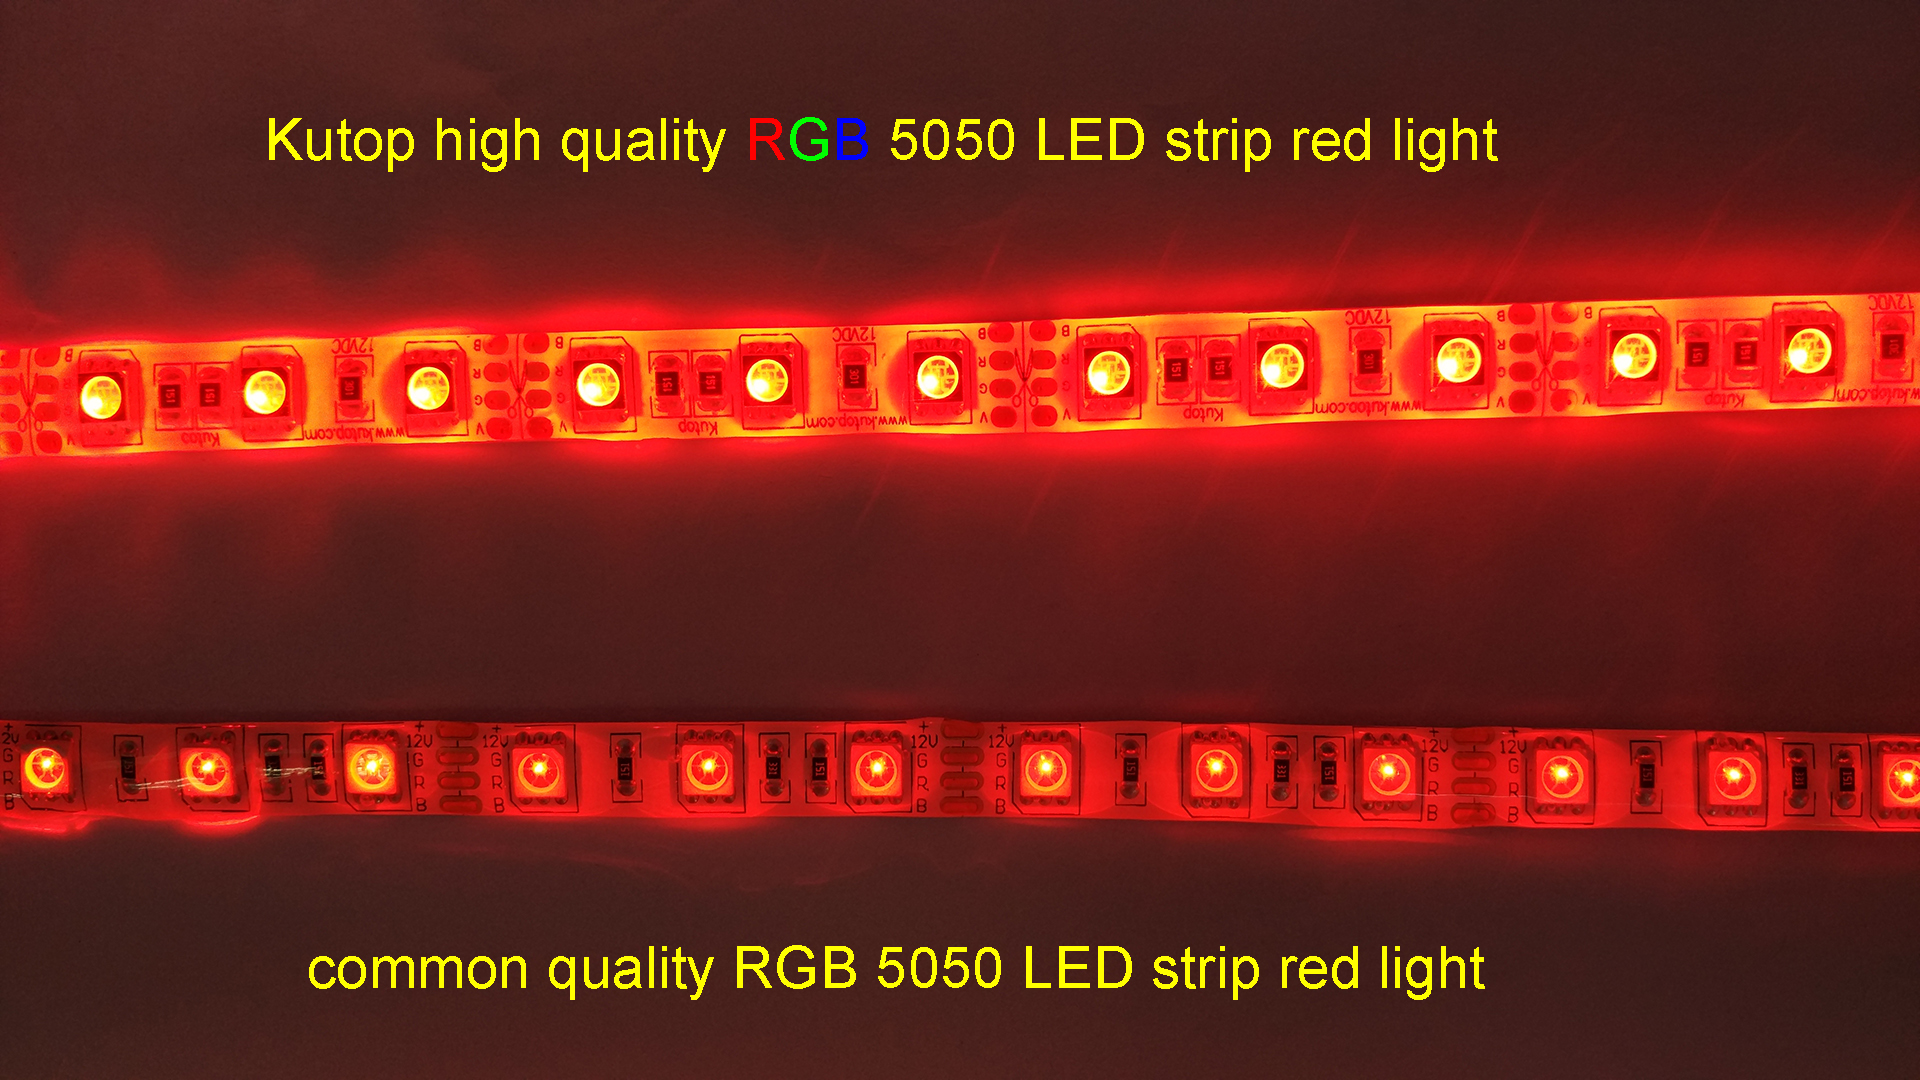 Kutop hochwertigen RGB-5050 LED-Streifen rotes Licht